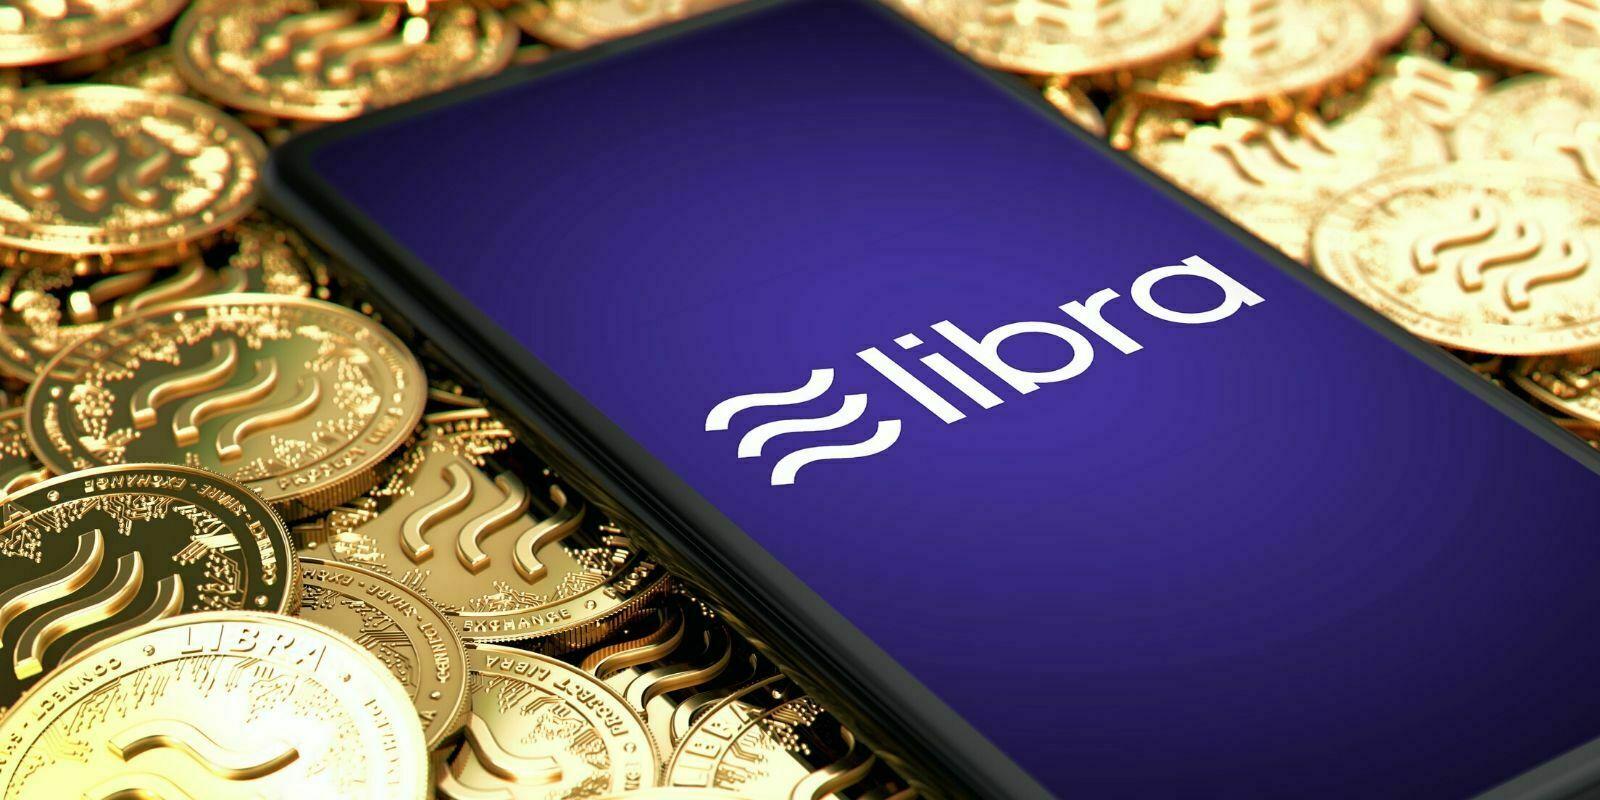 Le projet Libra se reconfigure complètement pour satisfaire les régulateurs